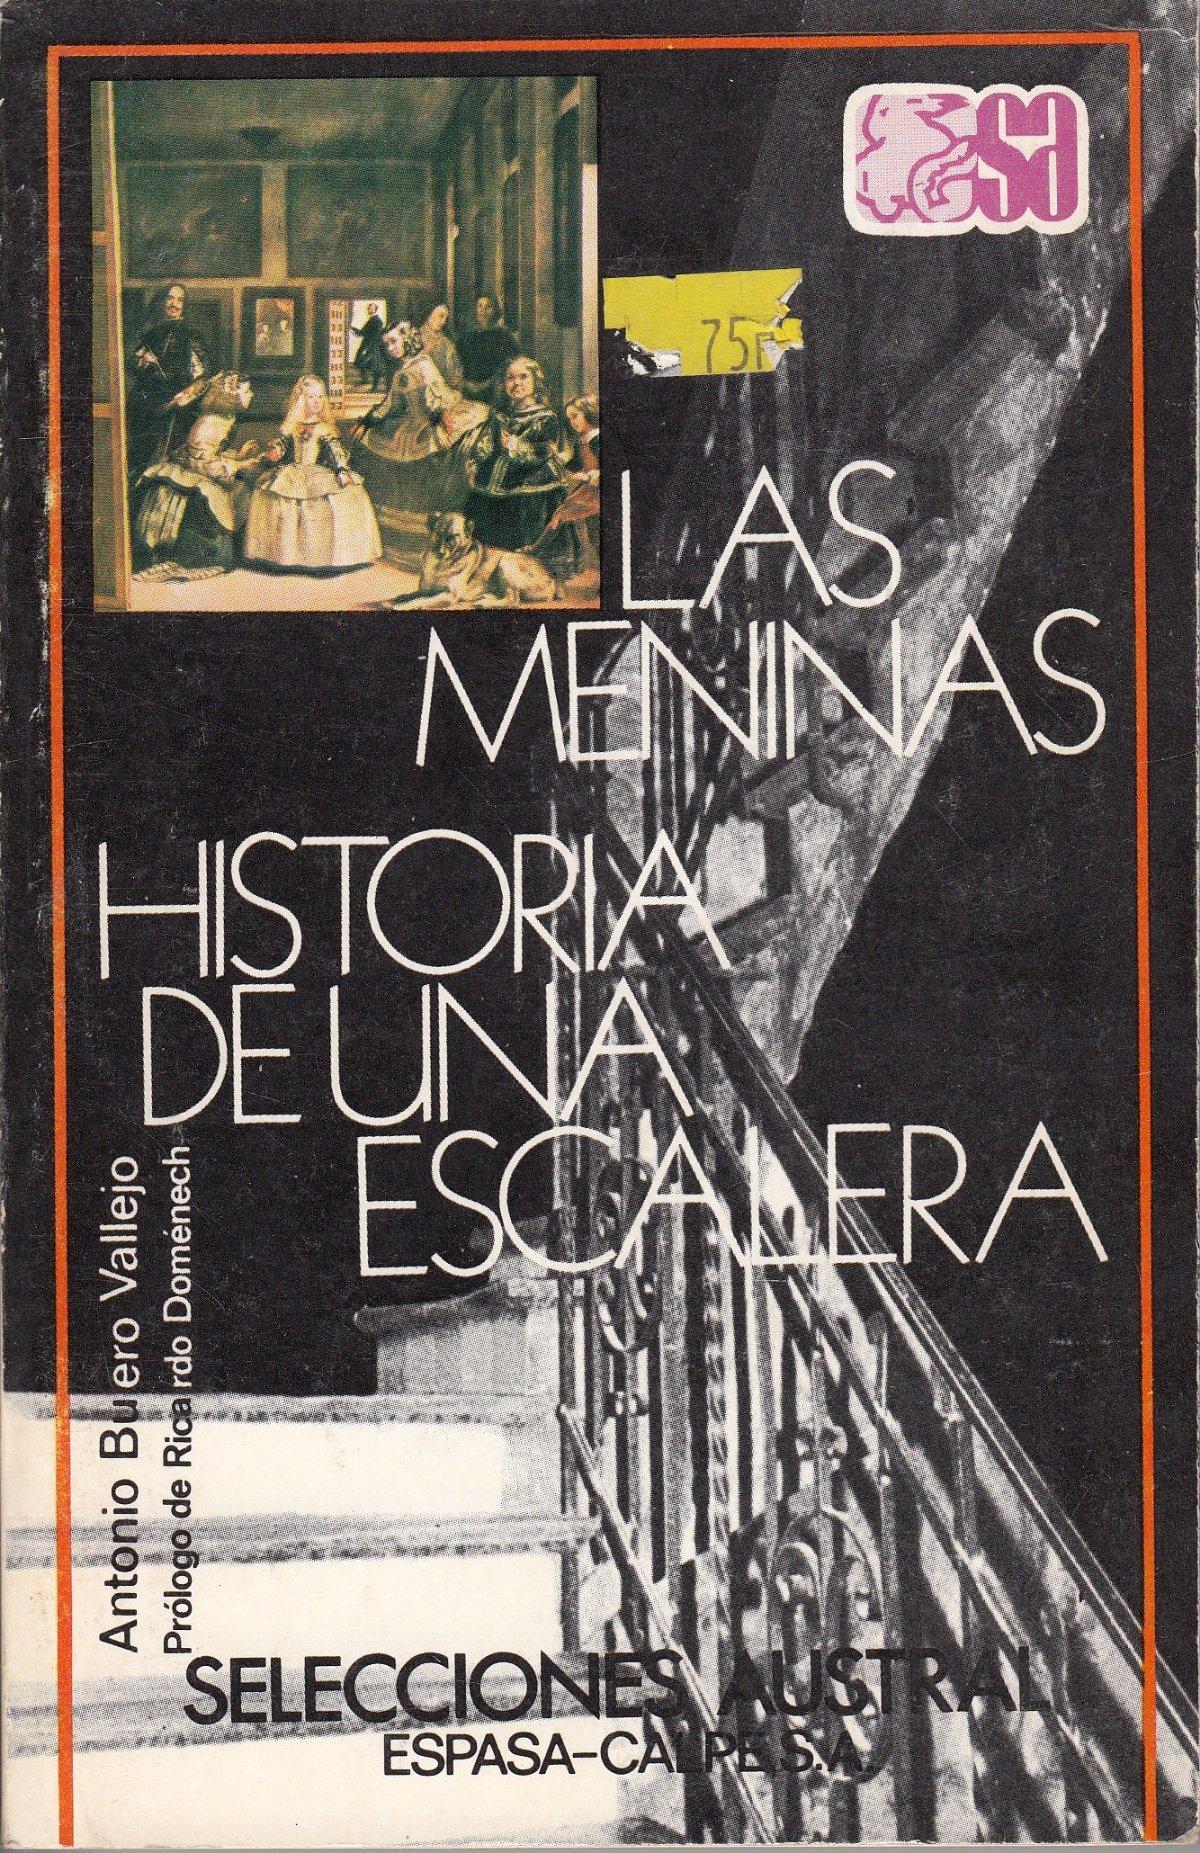 Historia De UNA Escalera. Las Meninas: Amazon.es: Buero Vallejo, Antonio: Libros